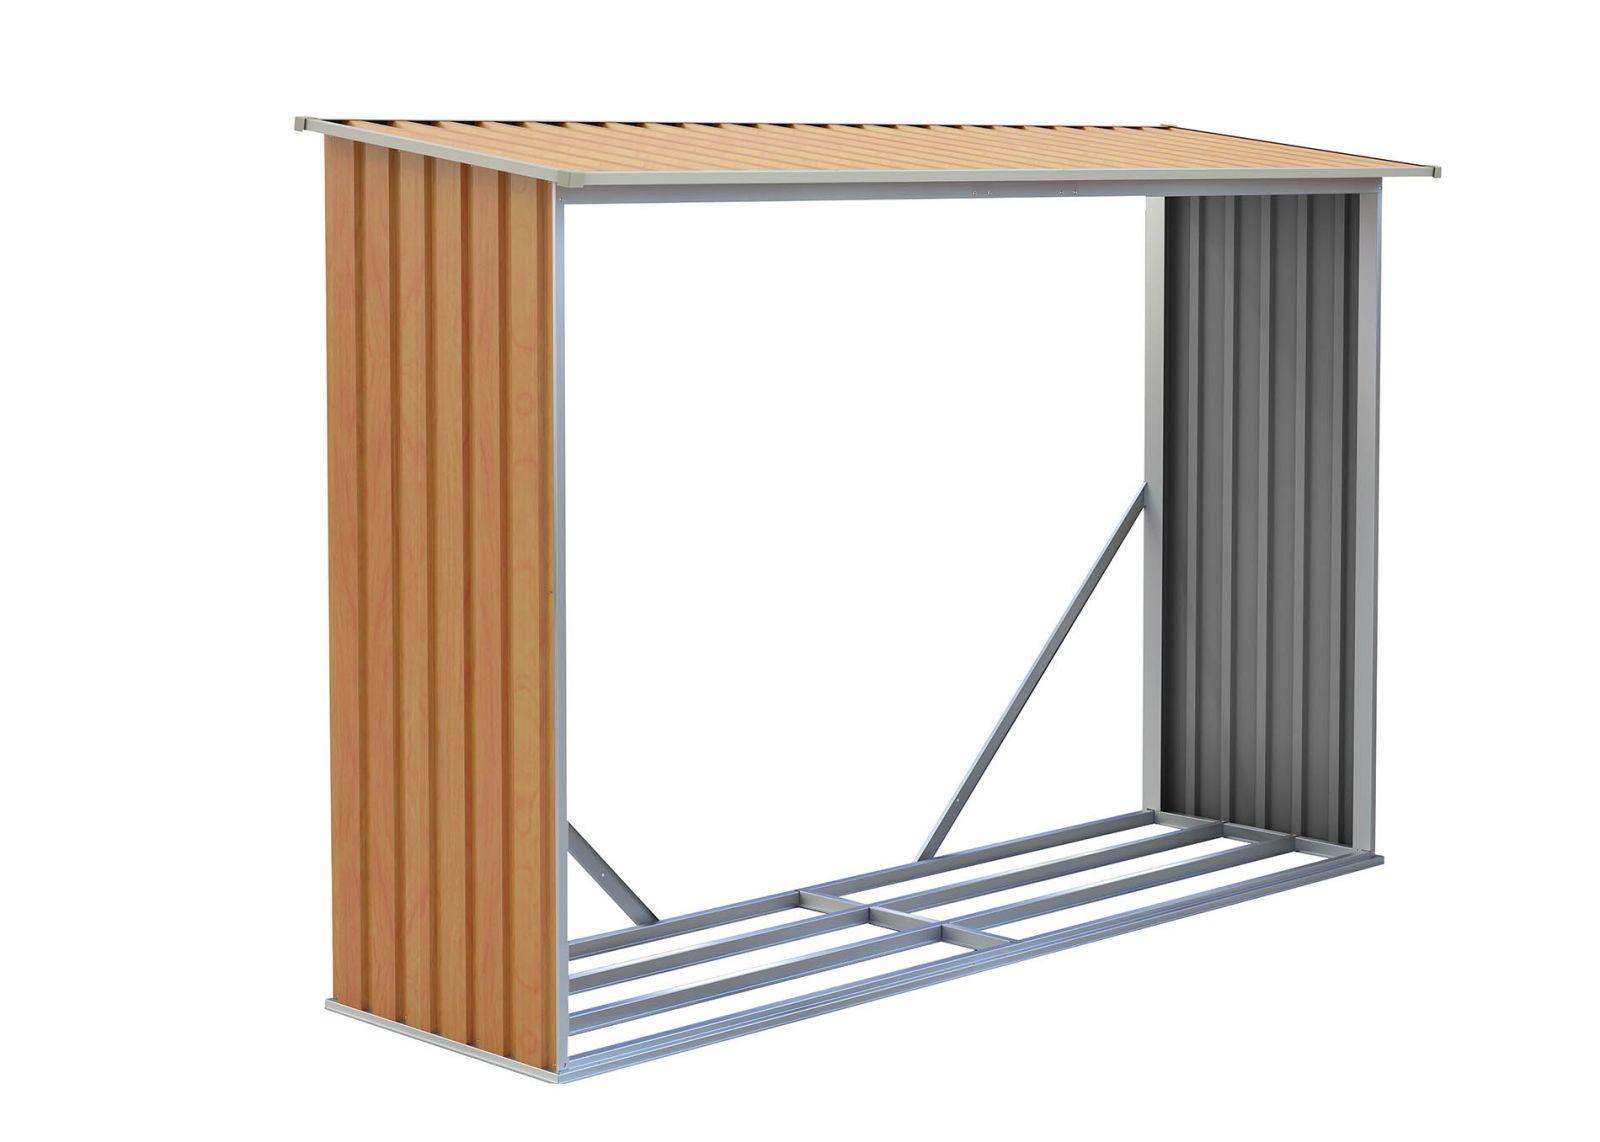 Zahradní přístřešek na dřevo WOH 181 - hnědý